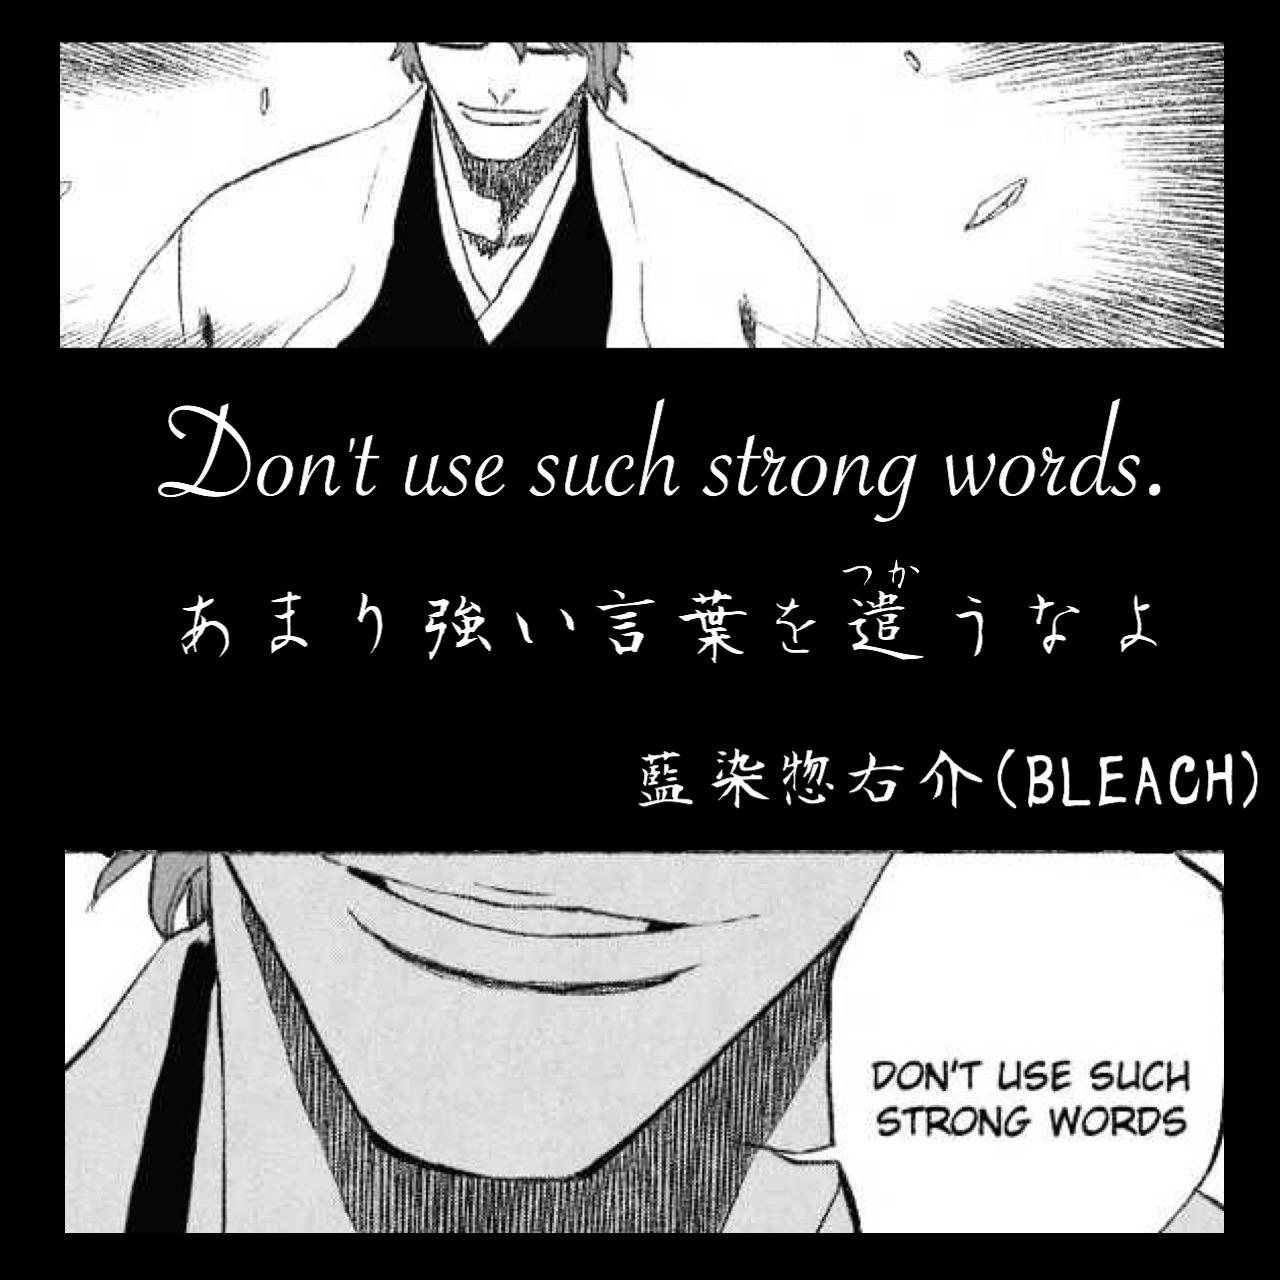 あまり強い言葉を遣うなよ / 藍染惣右介(出典:BLEACH)